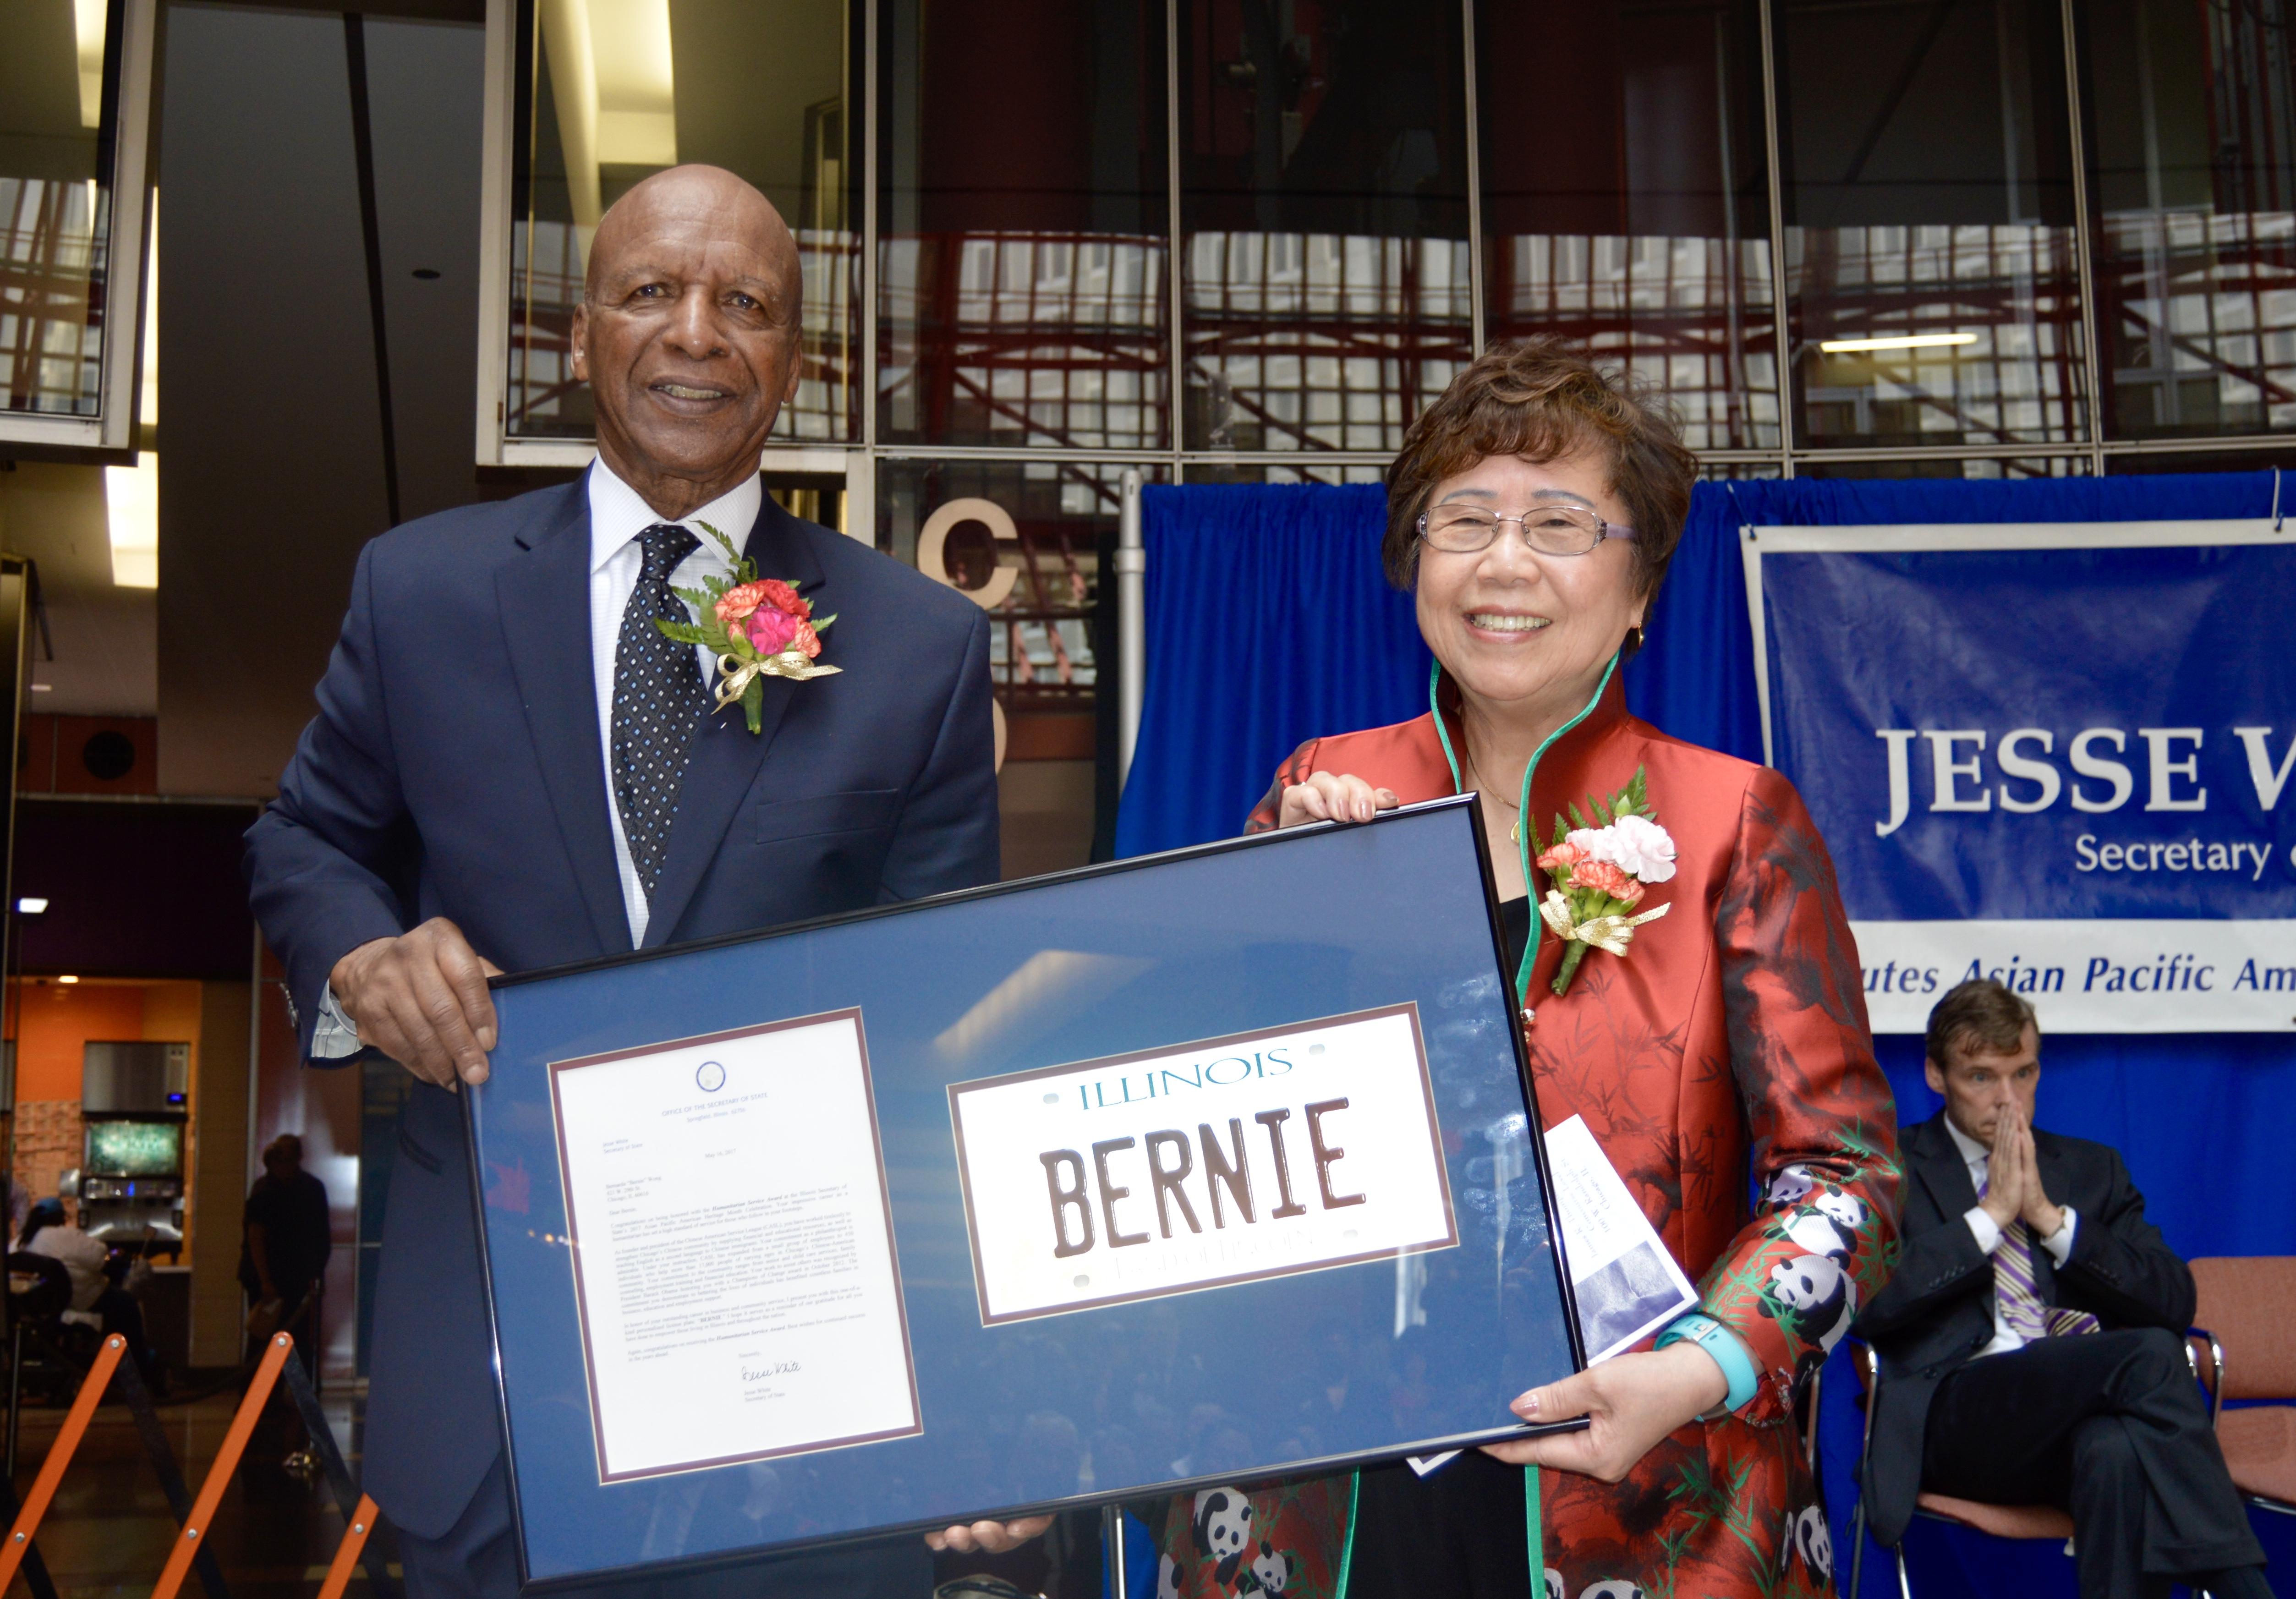 芝加哥華諮處創始人之一的黃羅瑞雄(右),16日在伊利諾州州務卿懷特(左)在州府大樓大廳舉行的亞太裔傳統月慶祝活動中,獲頒「人道服務獎品」。(記者董宇/攝影)